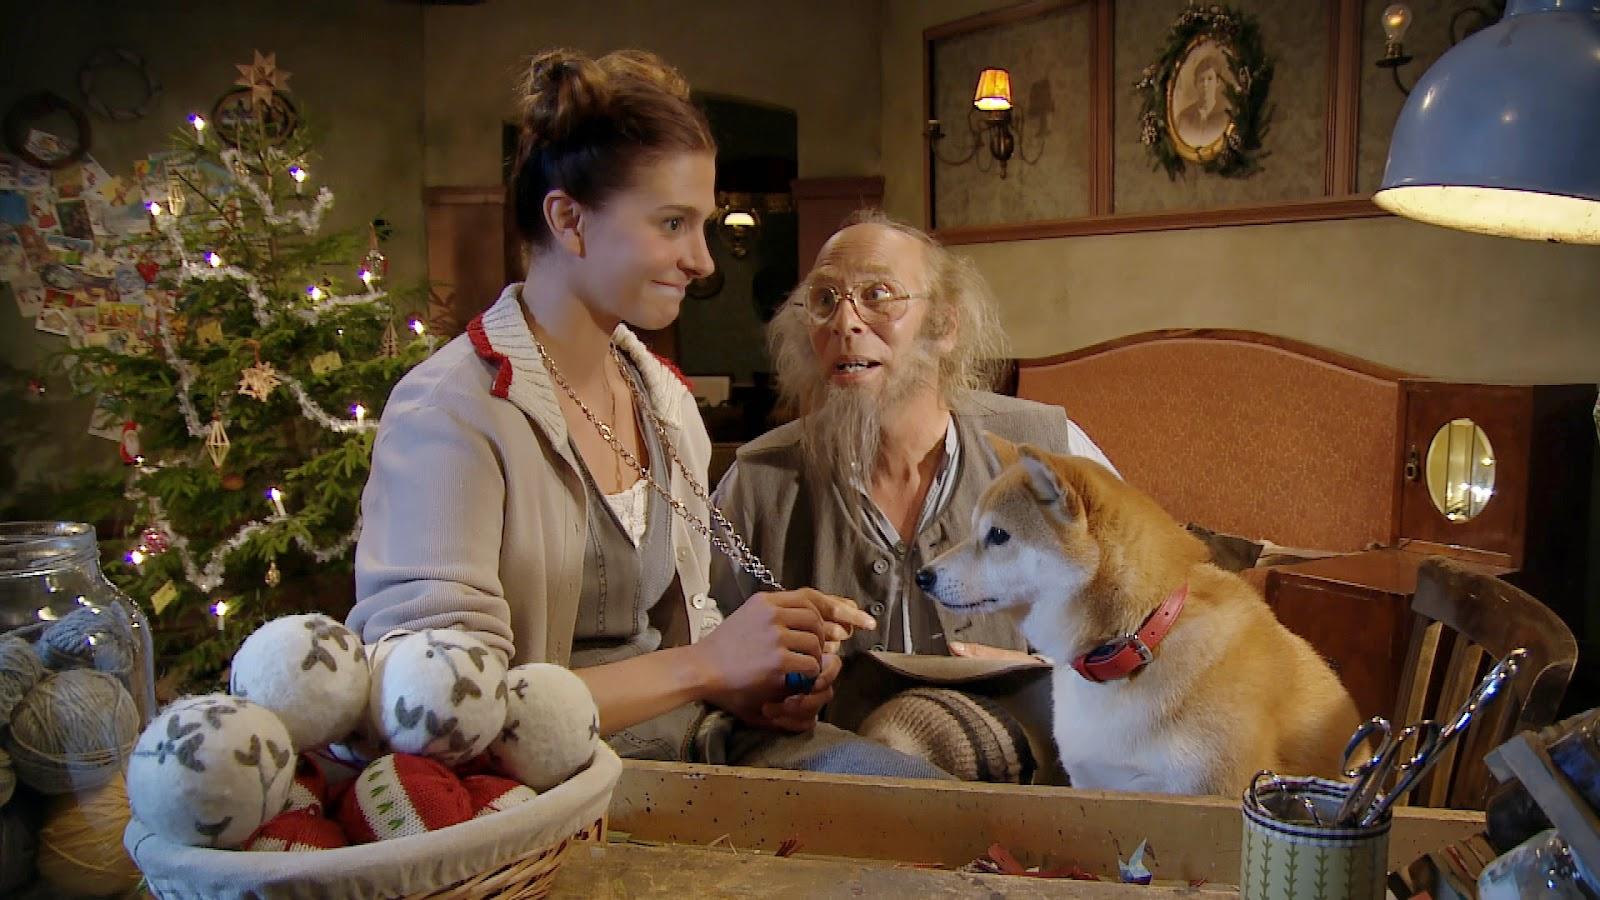 joulukalenteri tv2 2018 Sarin joulublogi: Aito joulukuusi uudessa TV2:n Joulukalenterissa  joulukalenteri tv2 2018